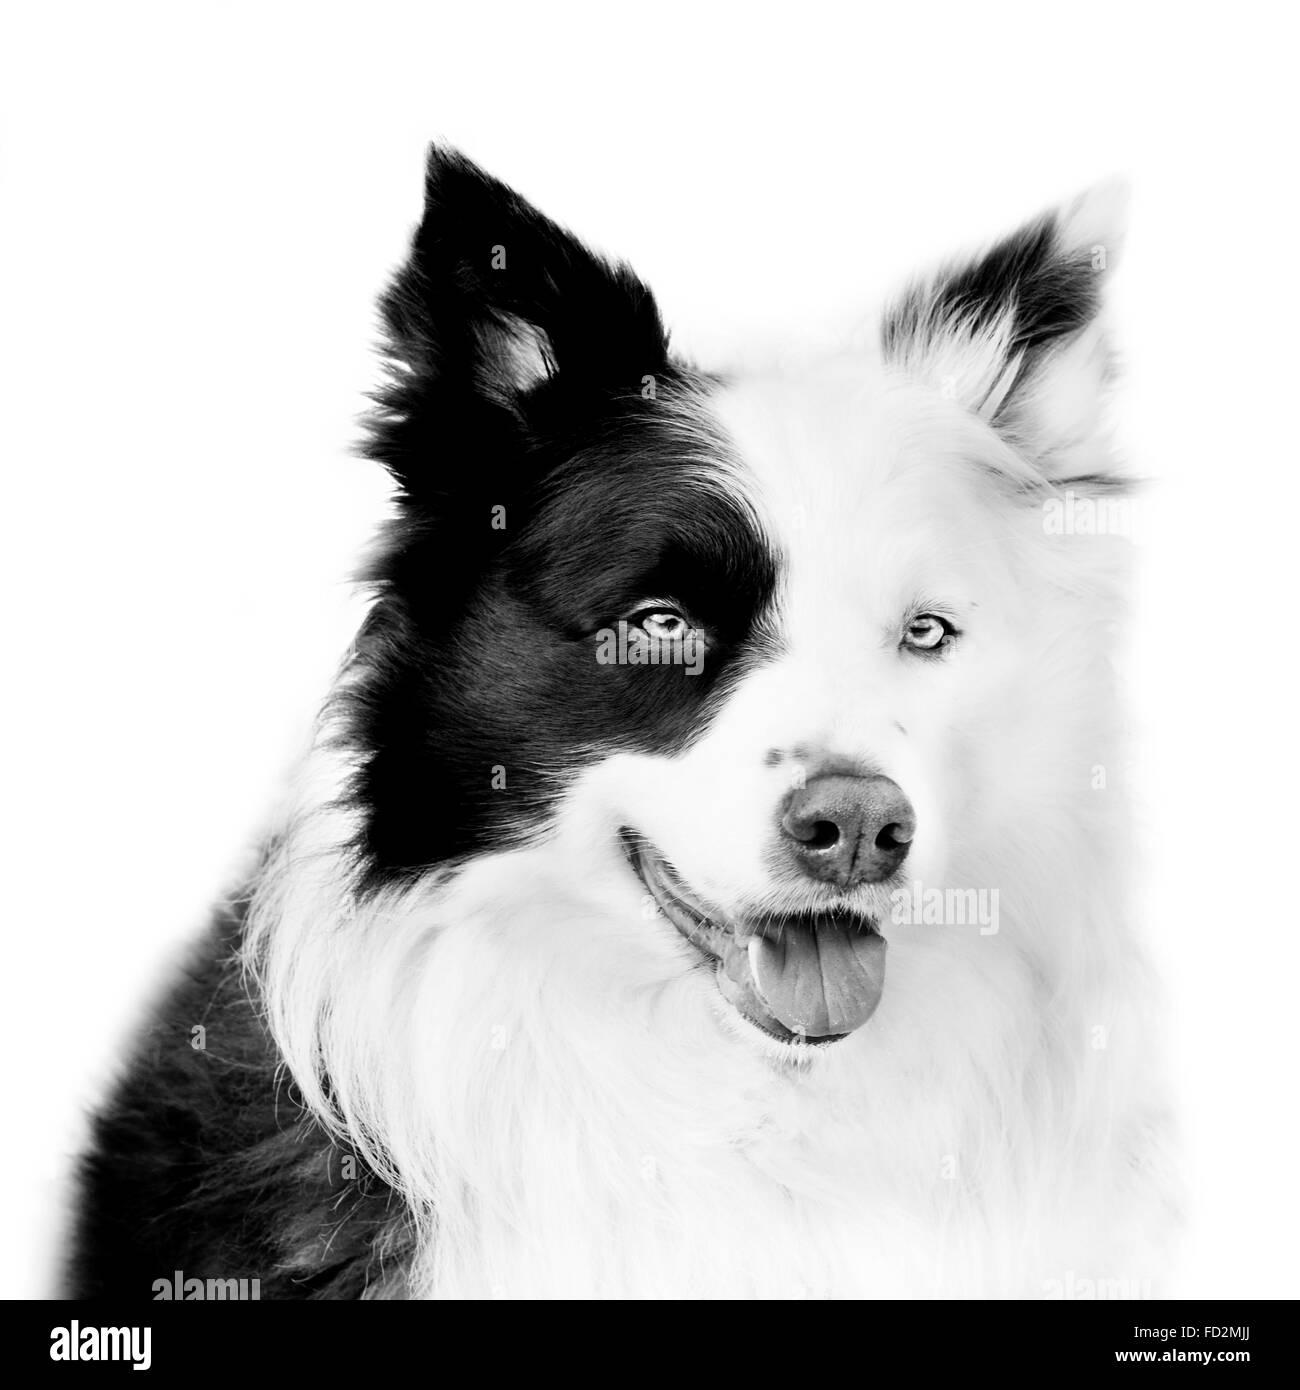 Border collie / Scottish sheep dog, black and white close up dog portrait - Stock Image